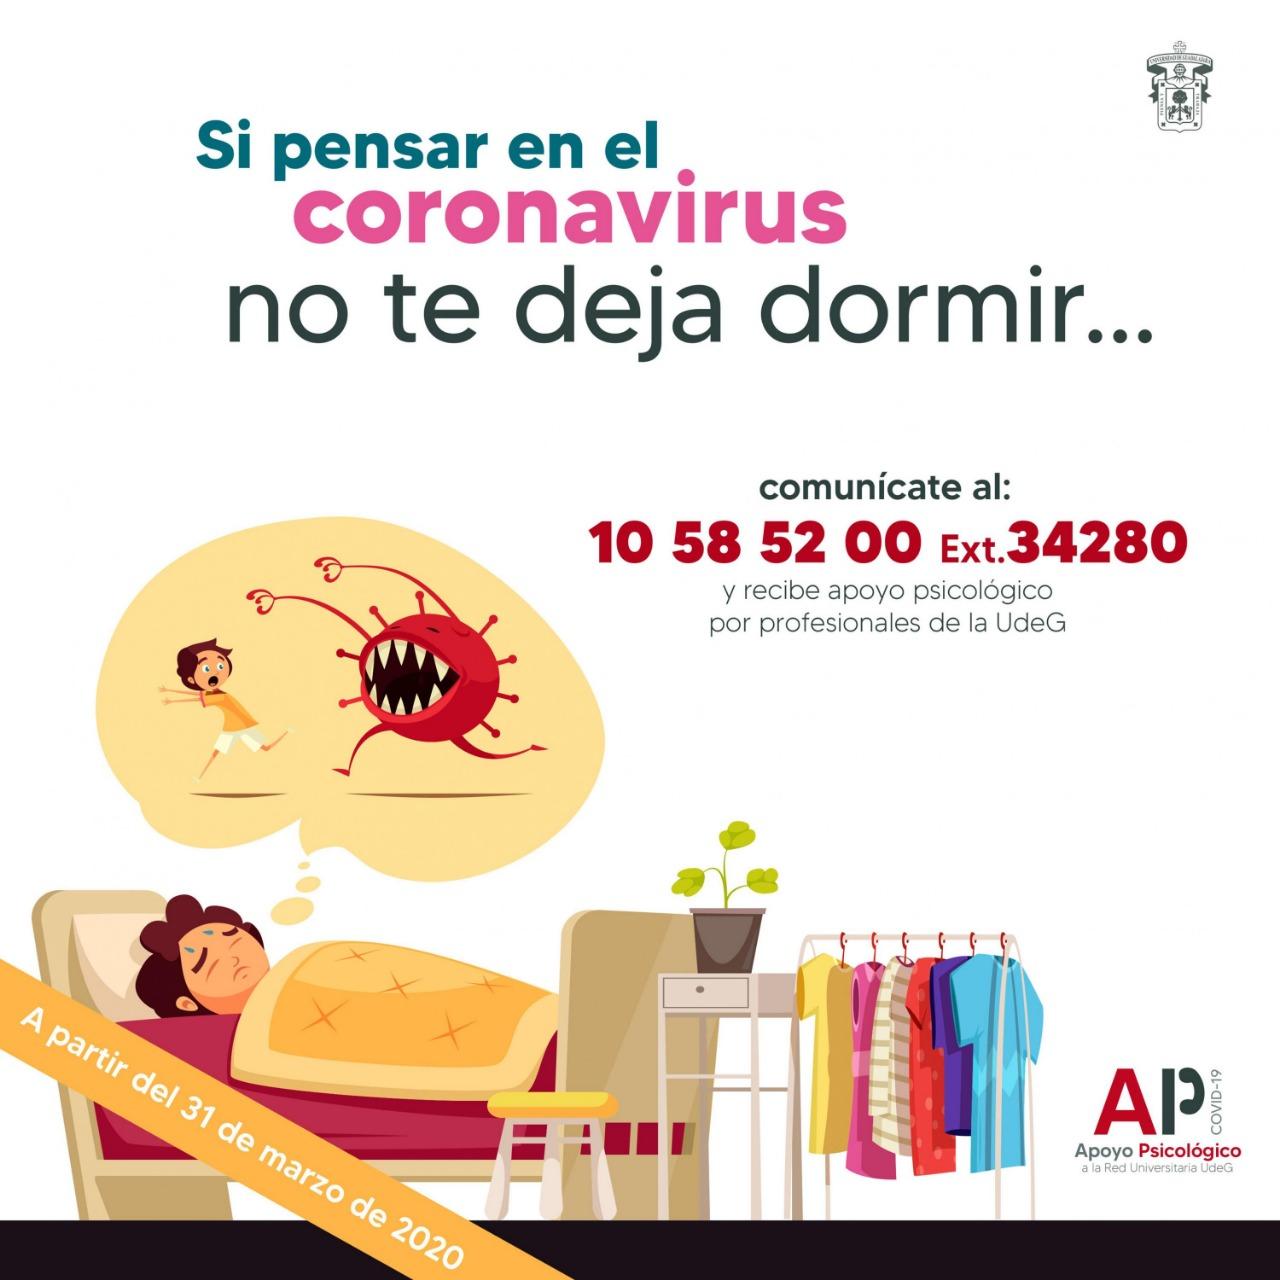 Banner promocional del Servicio de Apoyo Psicológico problemas de sueño